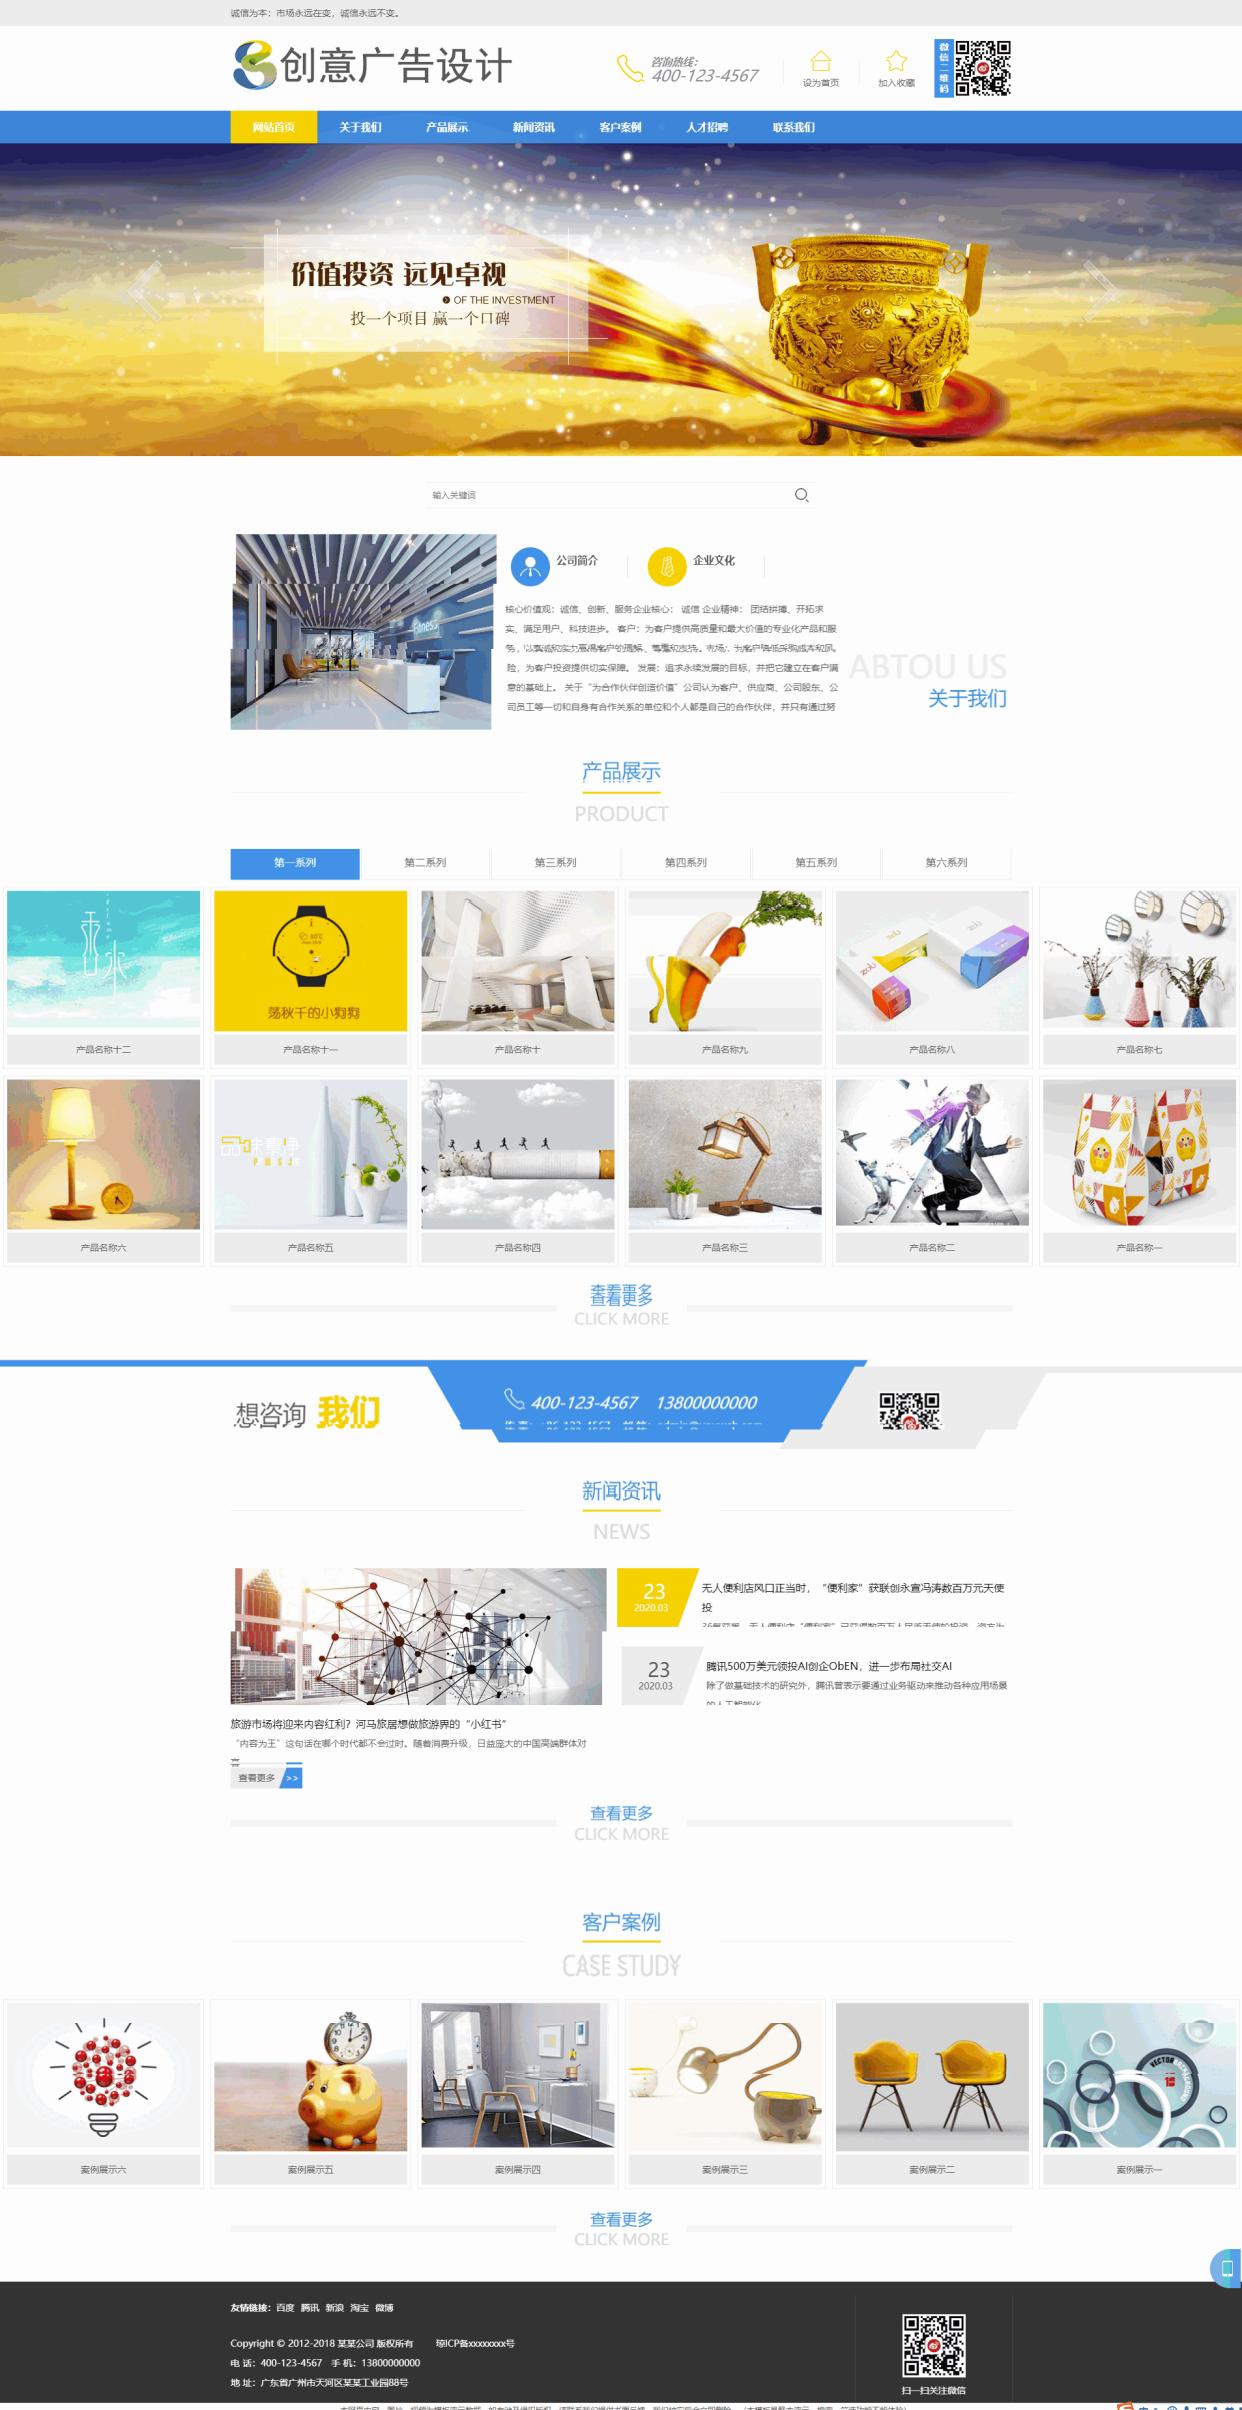 基于ThinkPHP5框架开发的响应式H5创意广告设计制作企业网站PHP源码 PHP框架 第1张